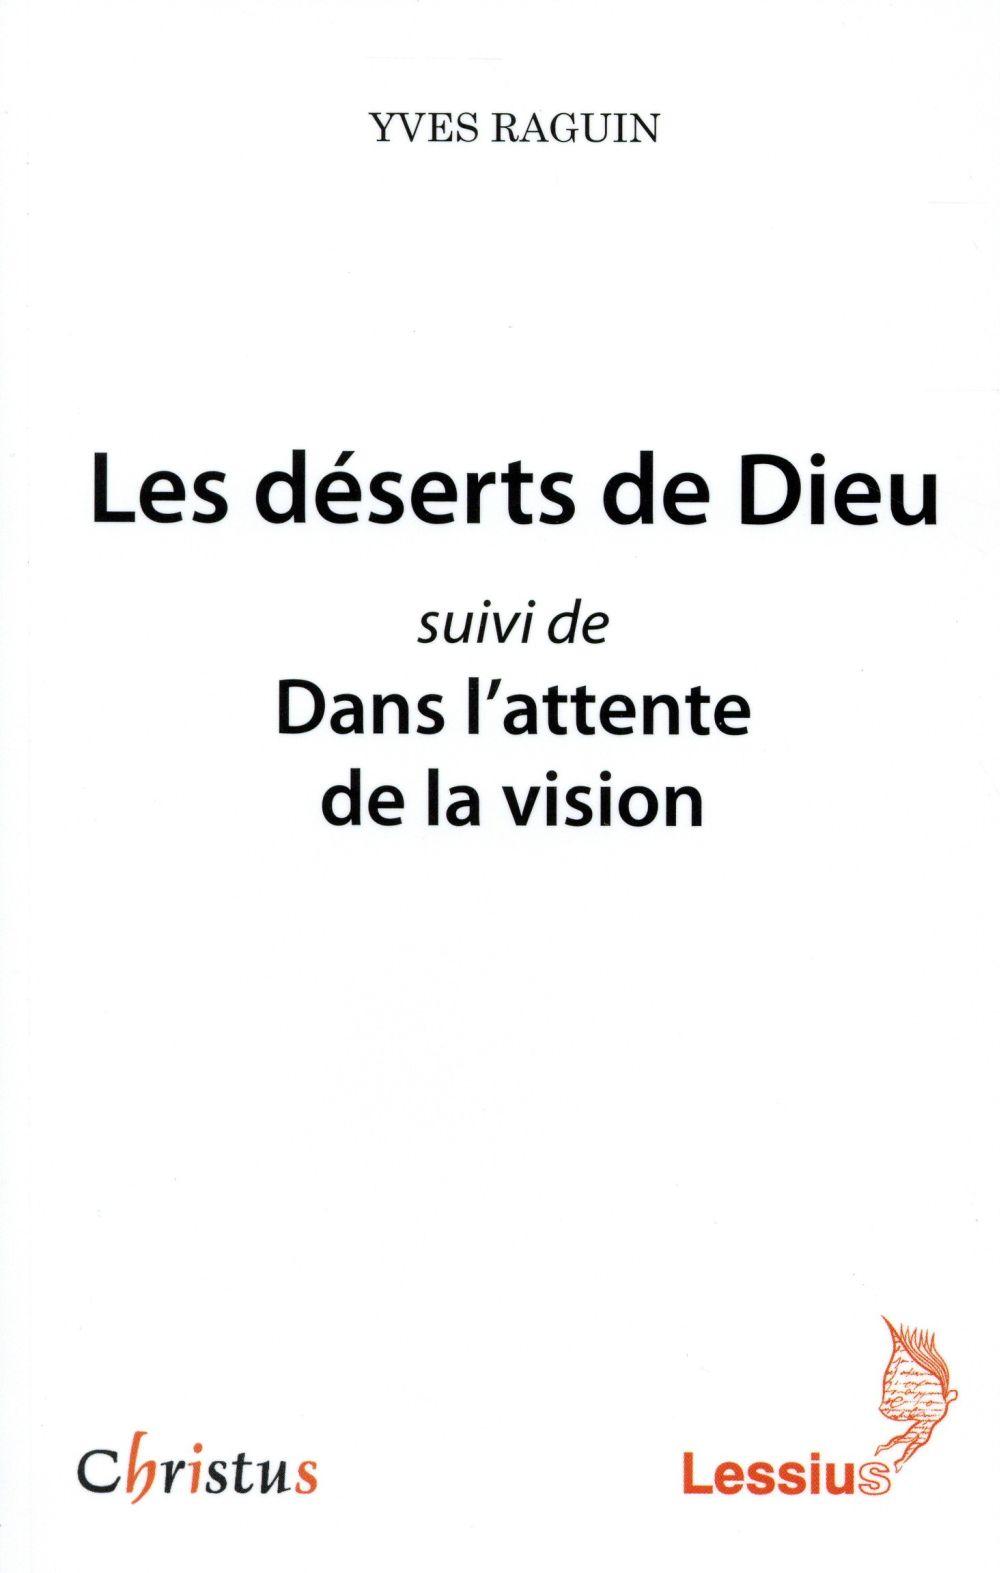 LES DESERTS DE DIEU SUIVI DE DANS L'ATTENTE DE LA VISION